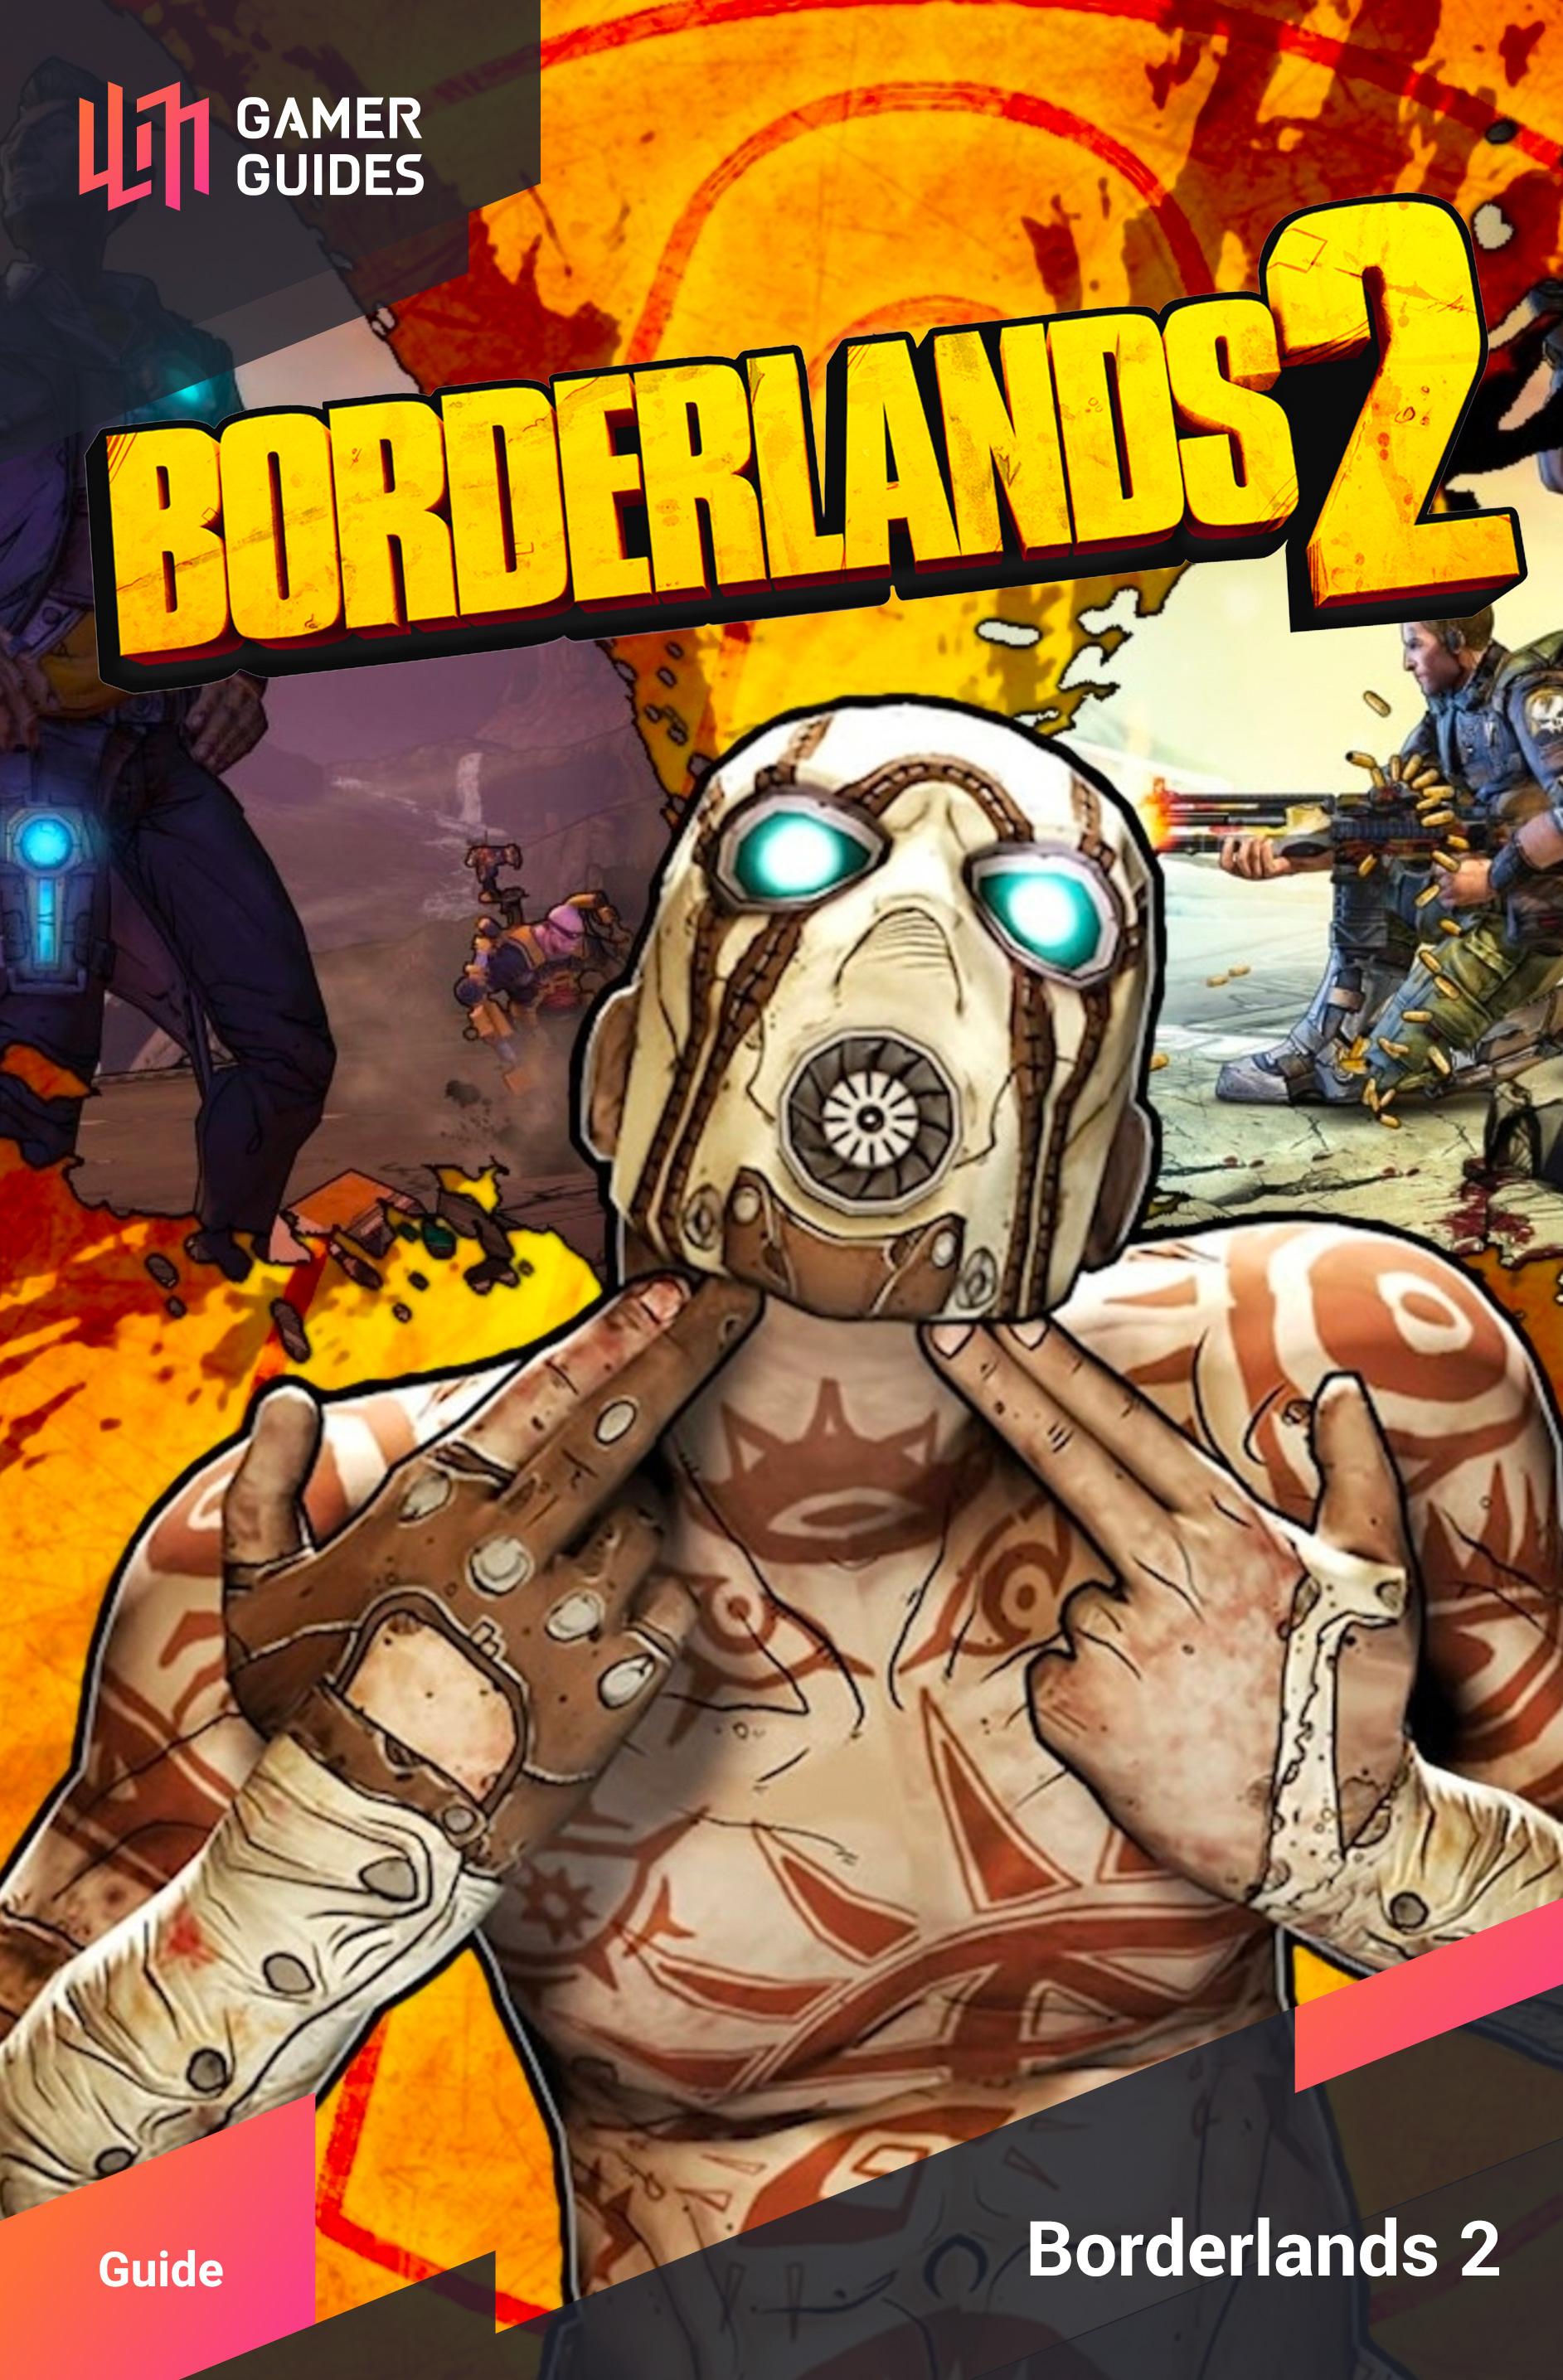 Borderlands 2 | Gamer Guides